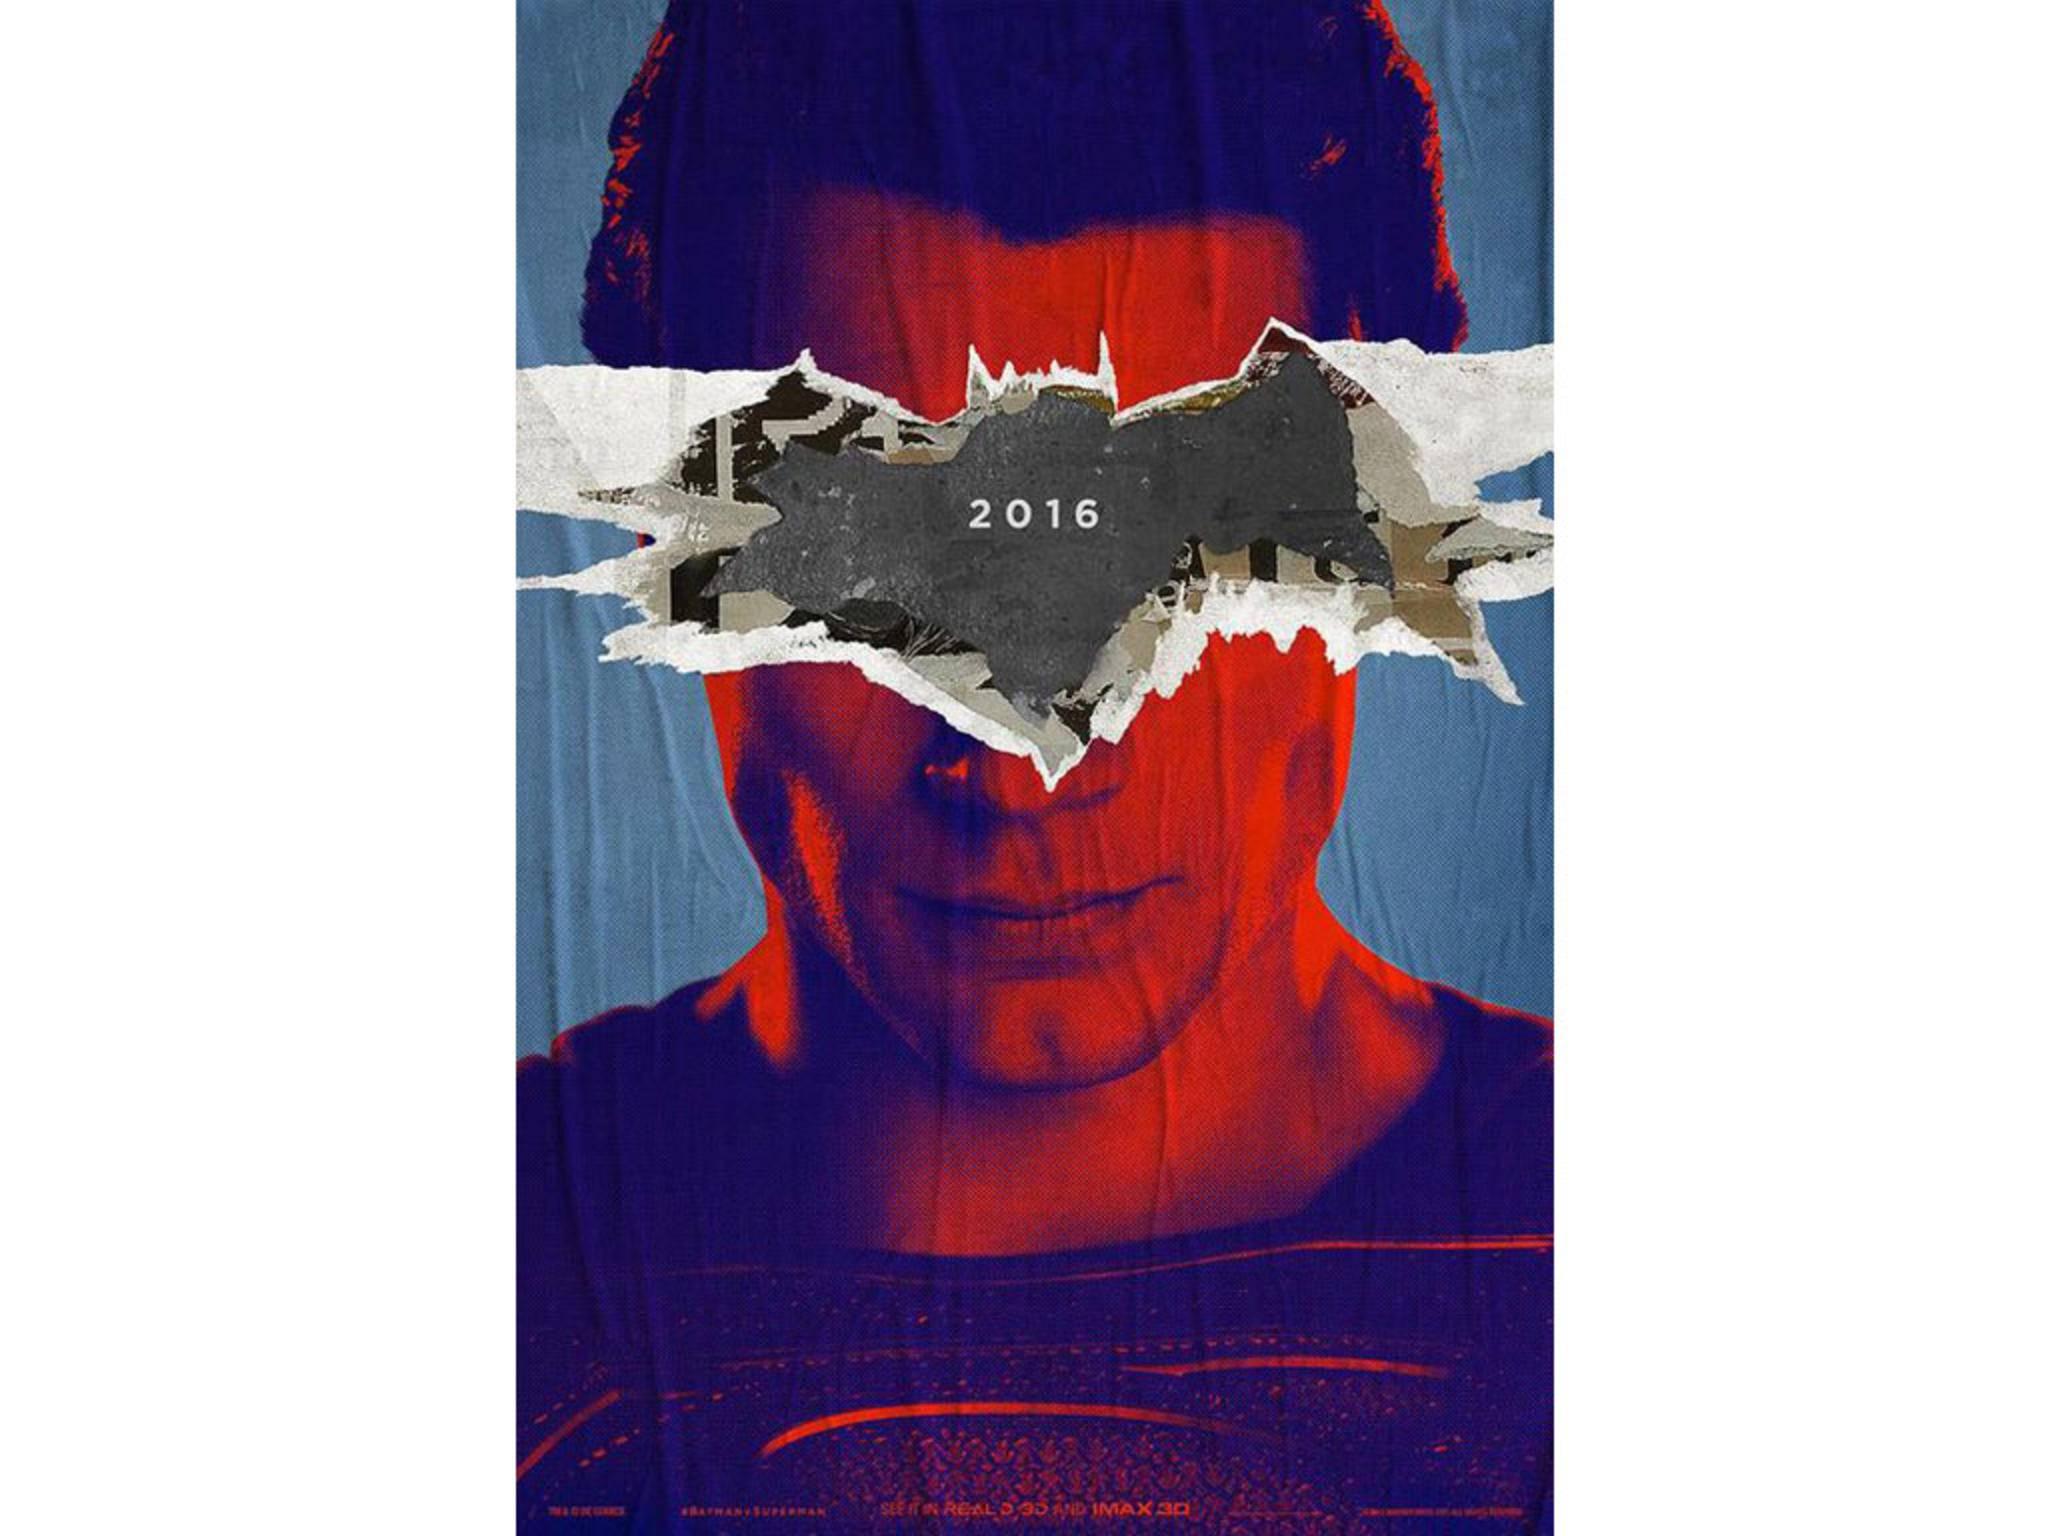 In die Rolle des Supermann schlüpft weder Henry Cavill.